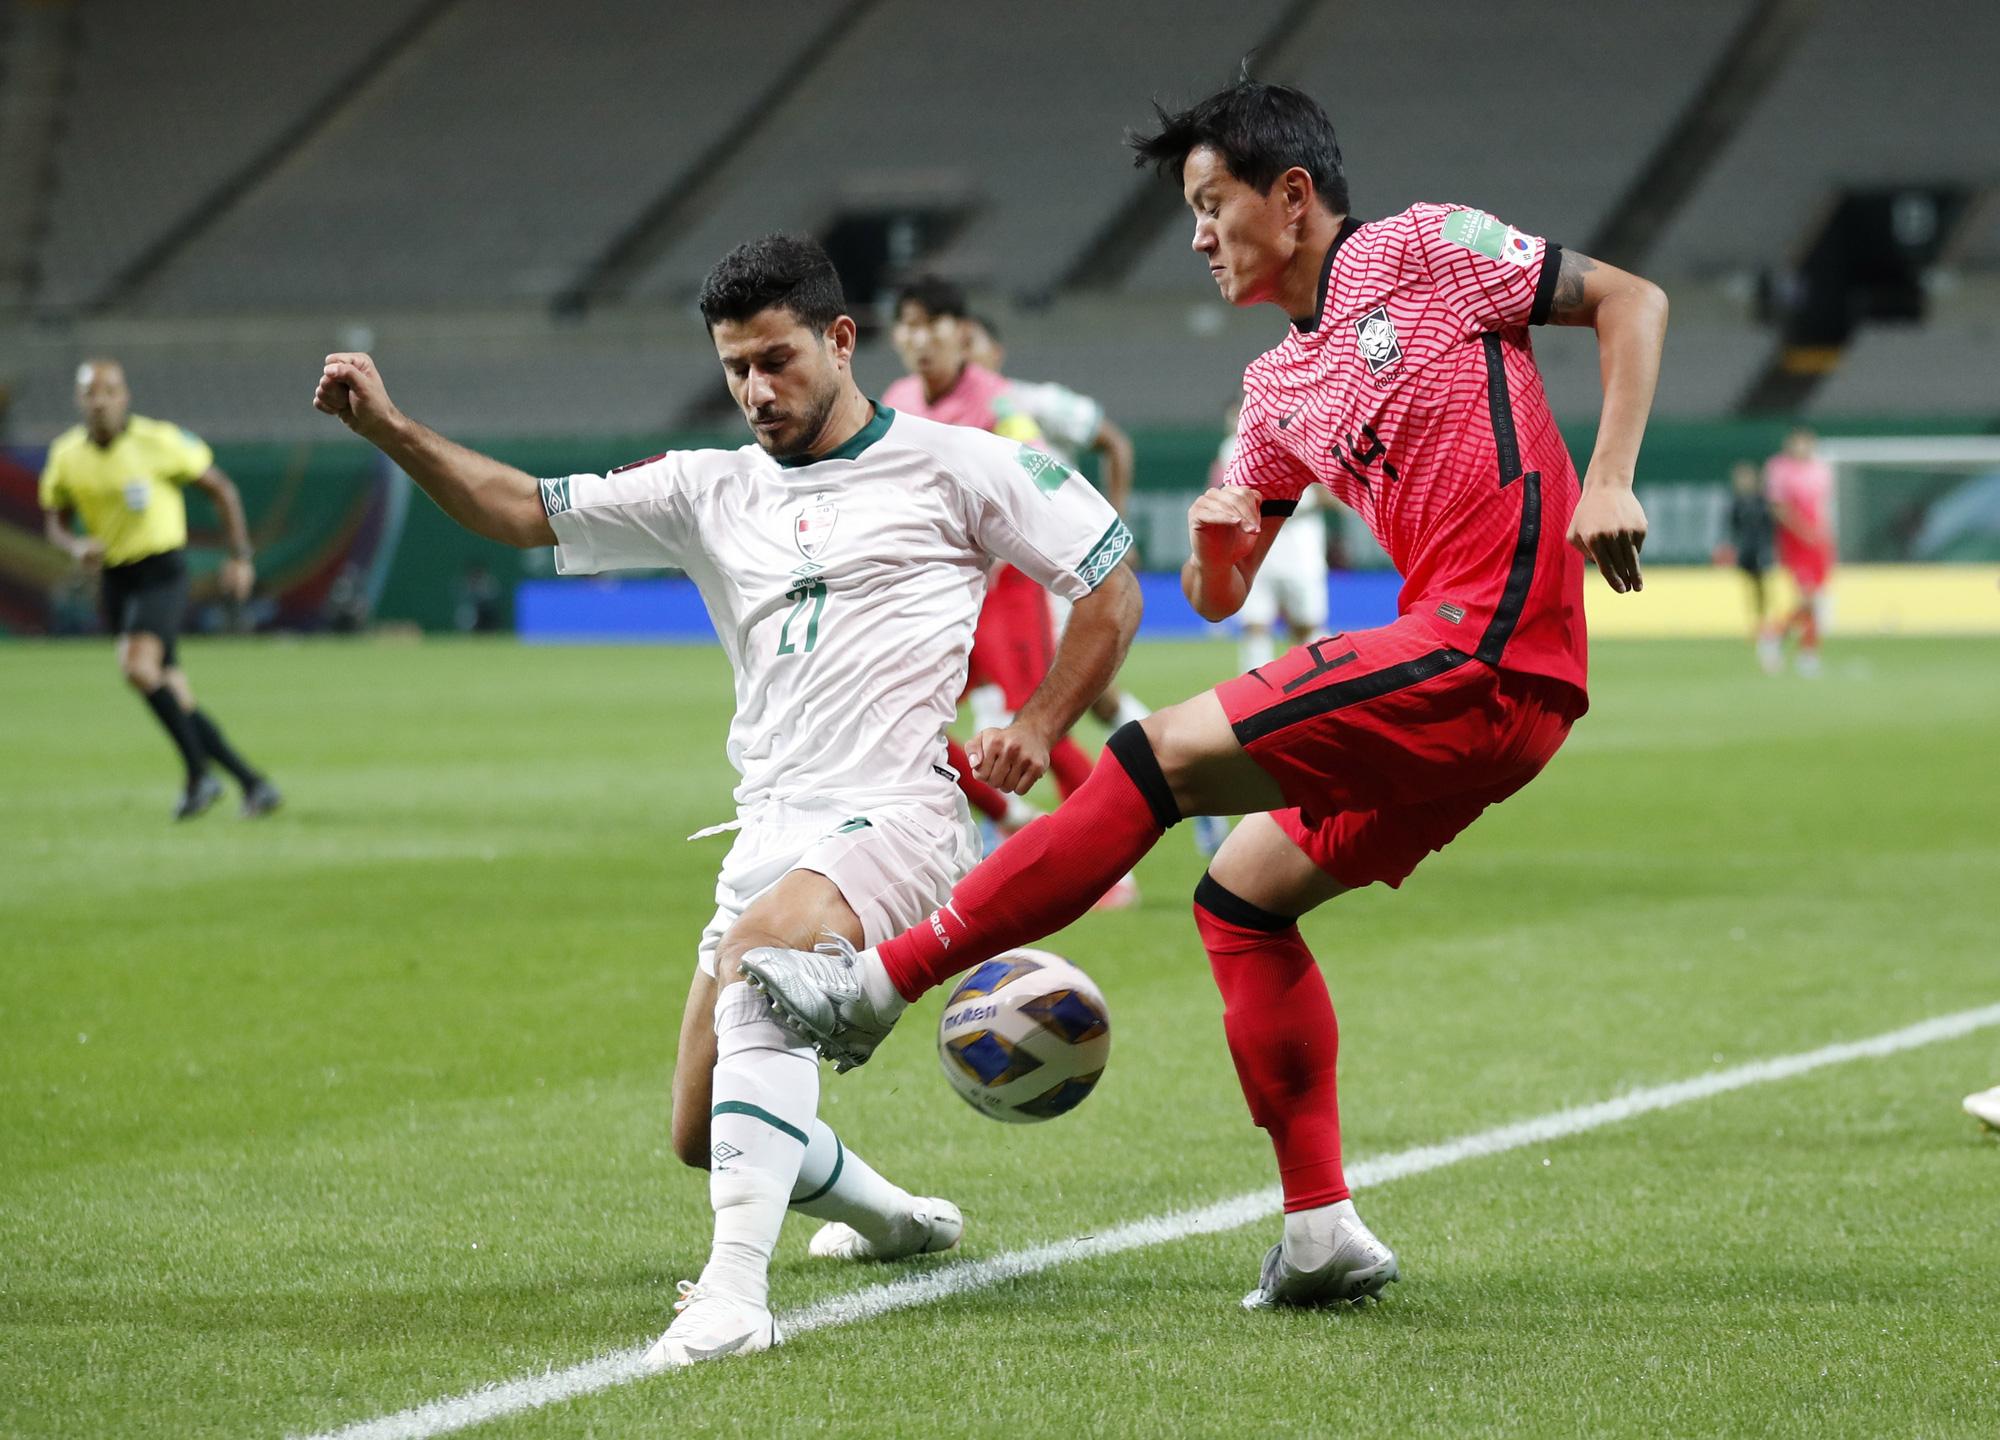 Hàn Quốc bị cầm hòa trước những chân sút của tuyển Iraq